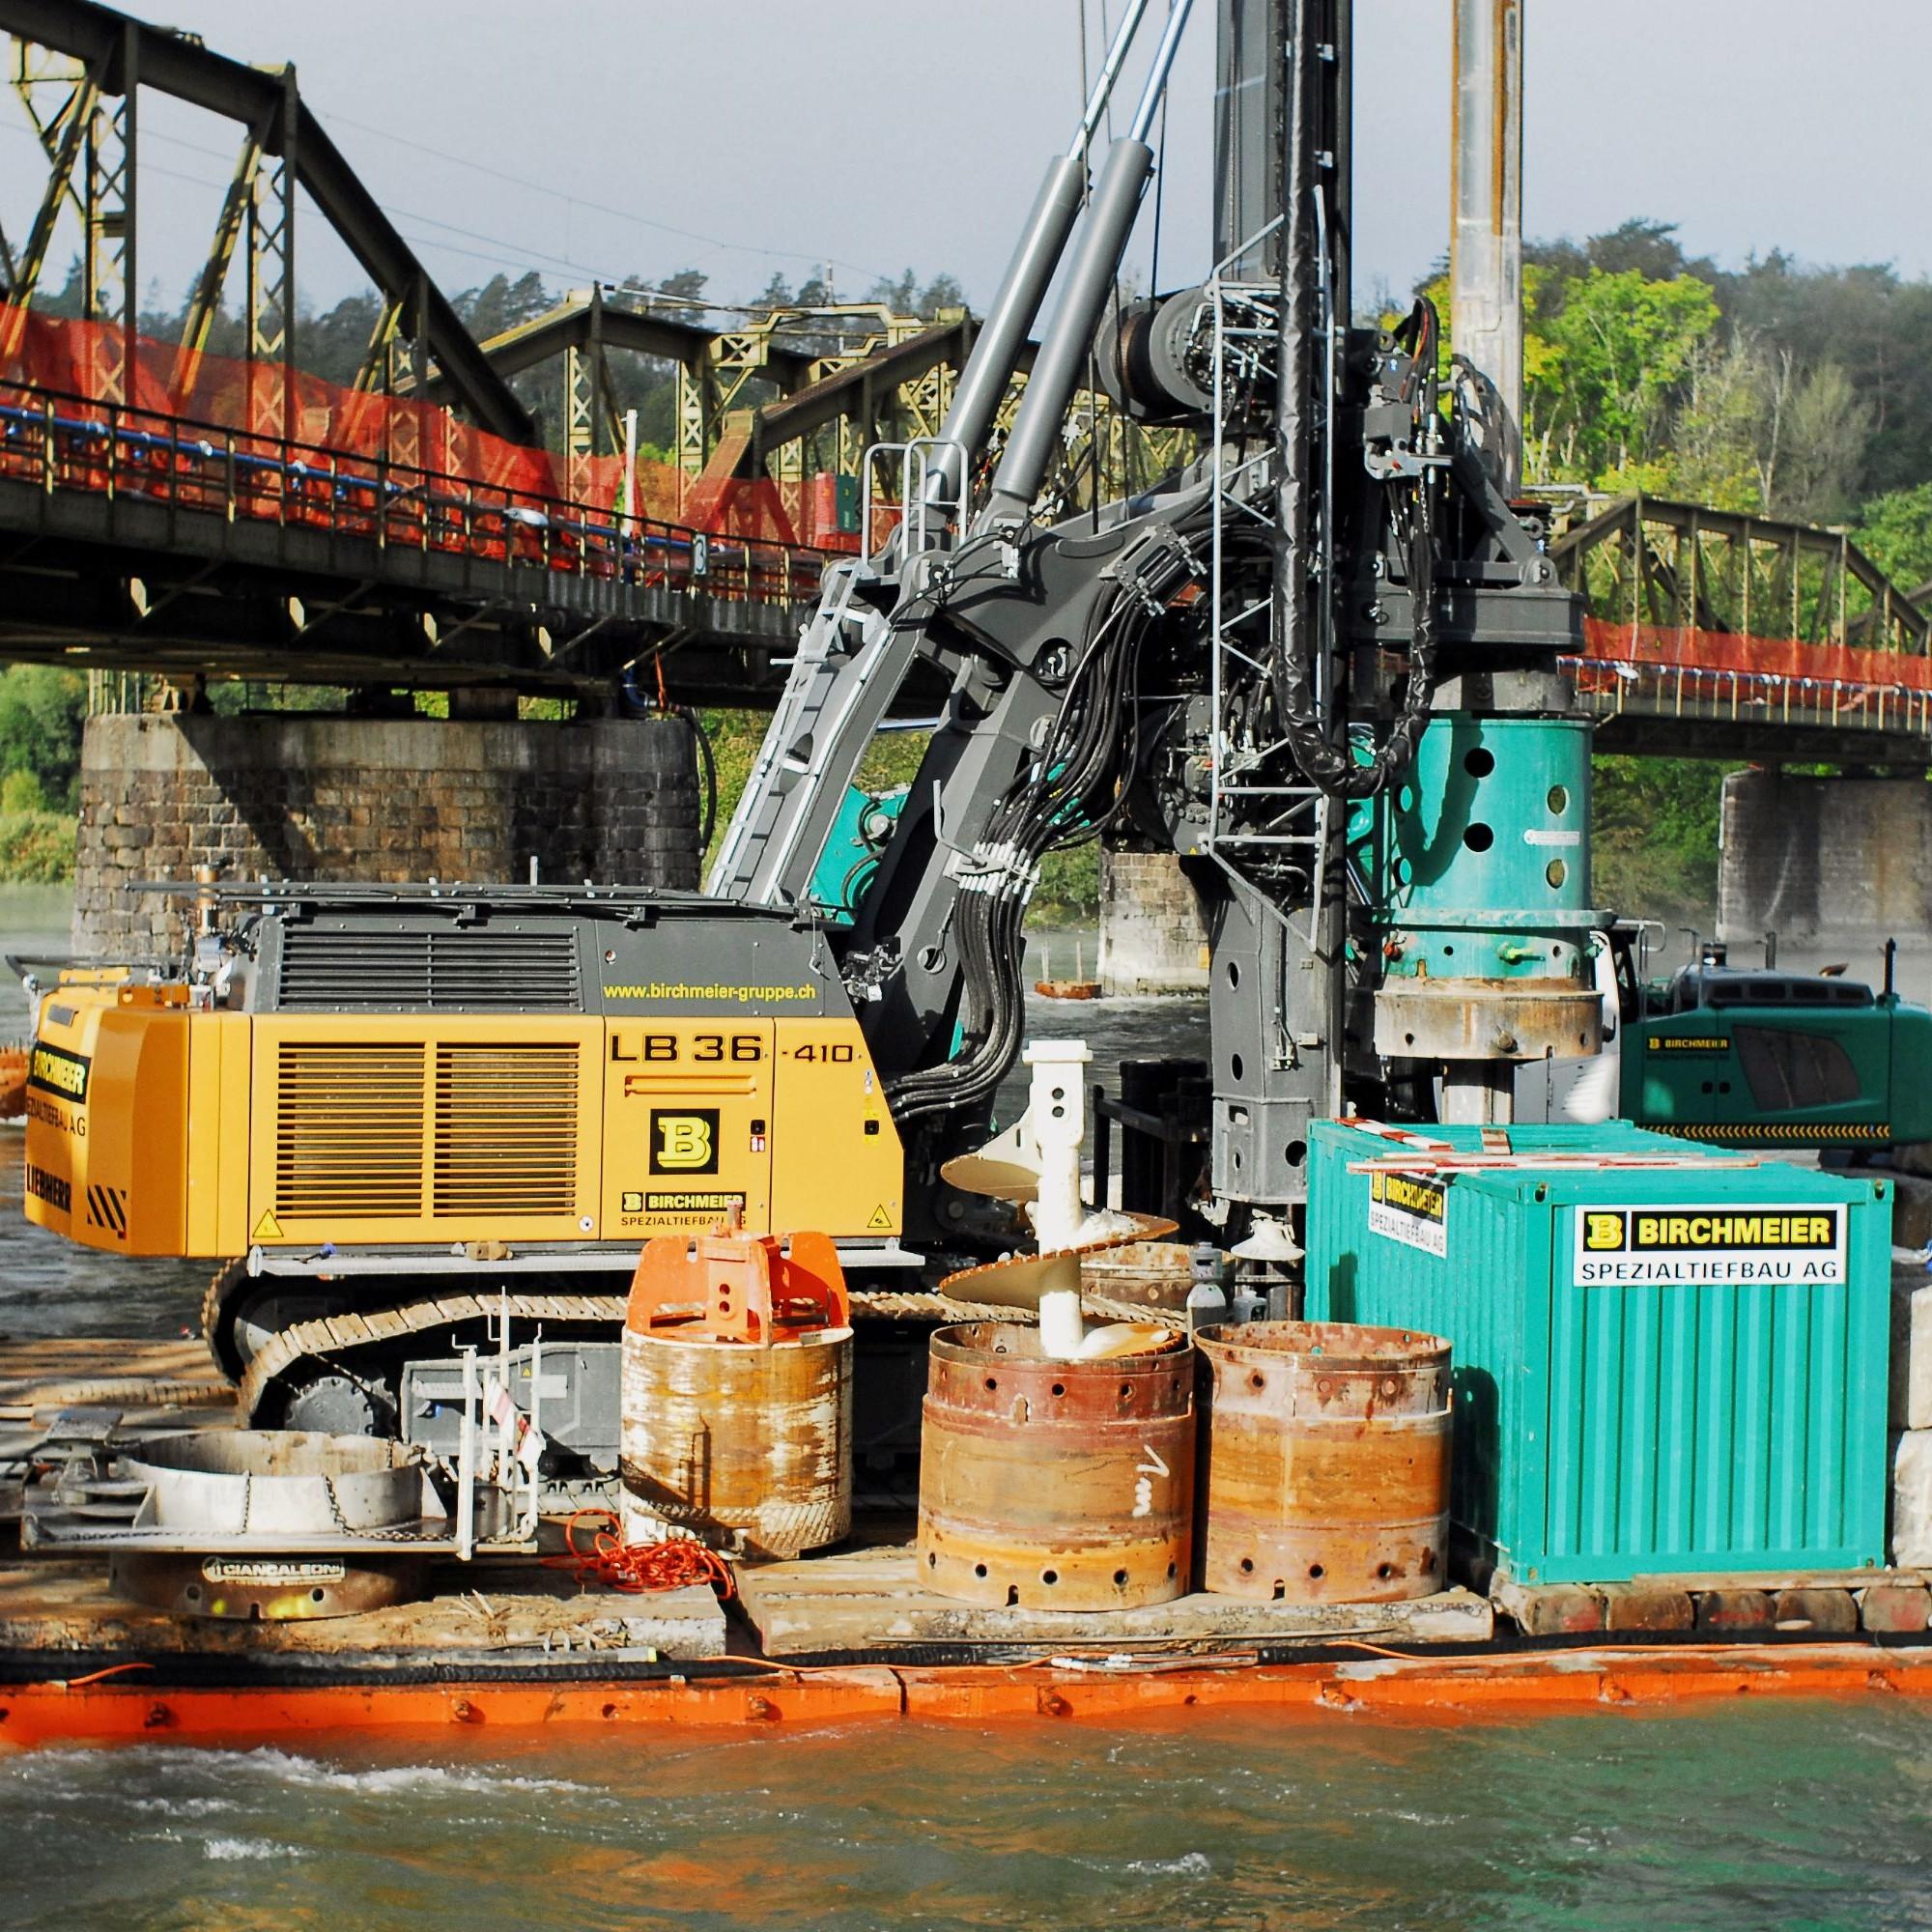 Die 120 Tonnen schwere Bohrmaschine steht auf dem grössten der vier Pontons.